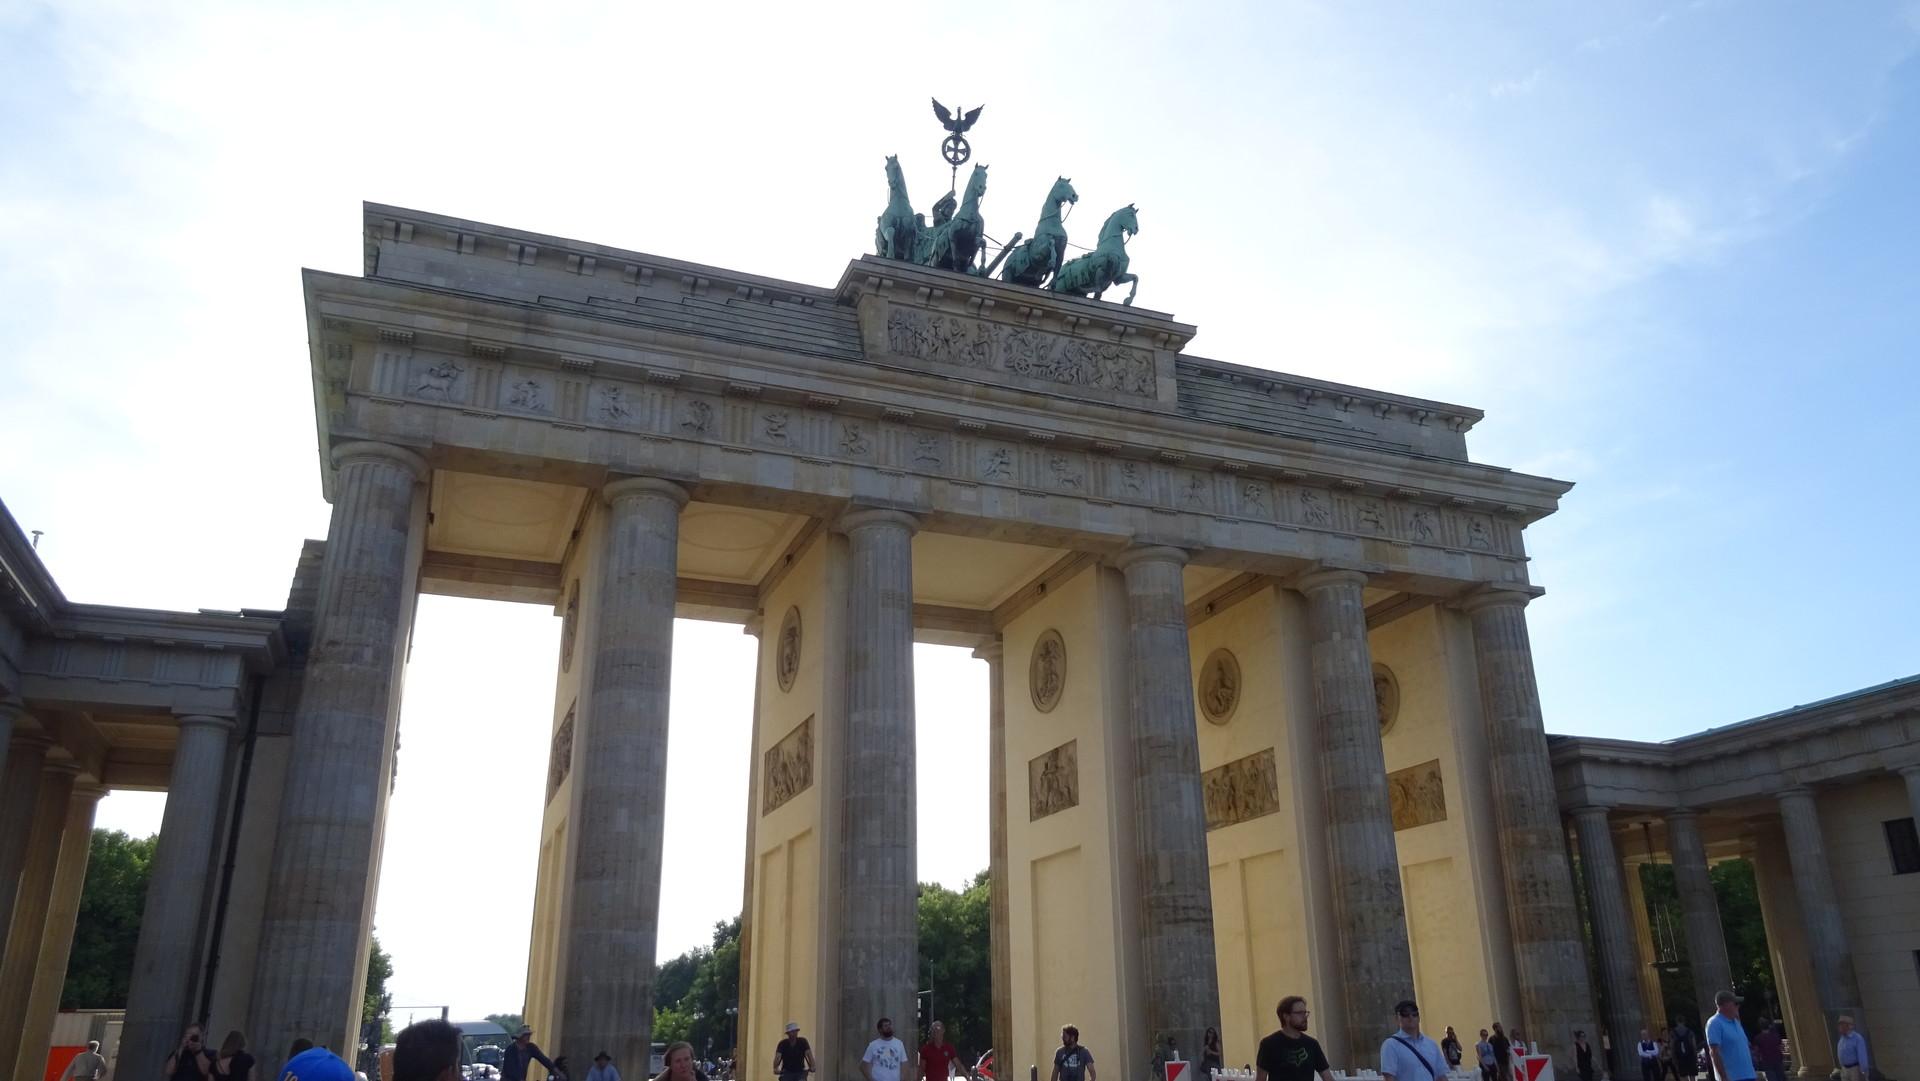 puerta-brandemburgo-60c61e2e3579437e4eb0